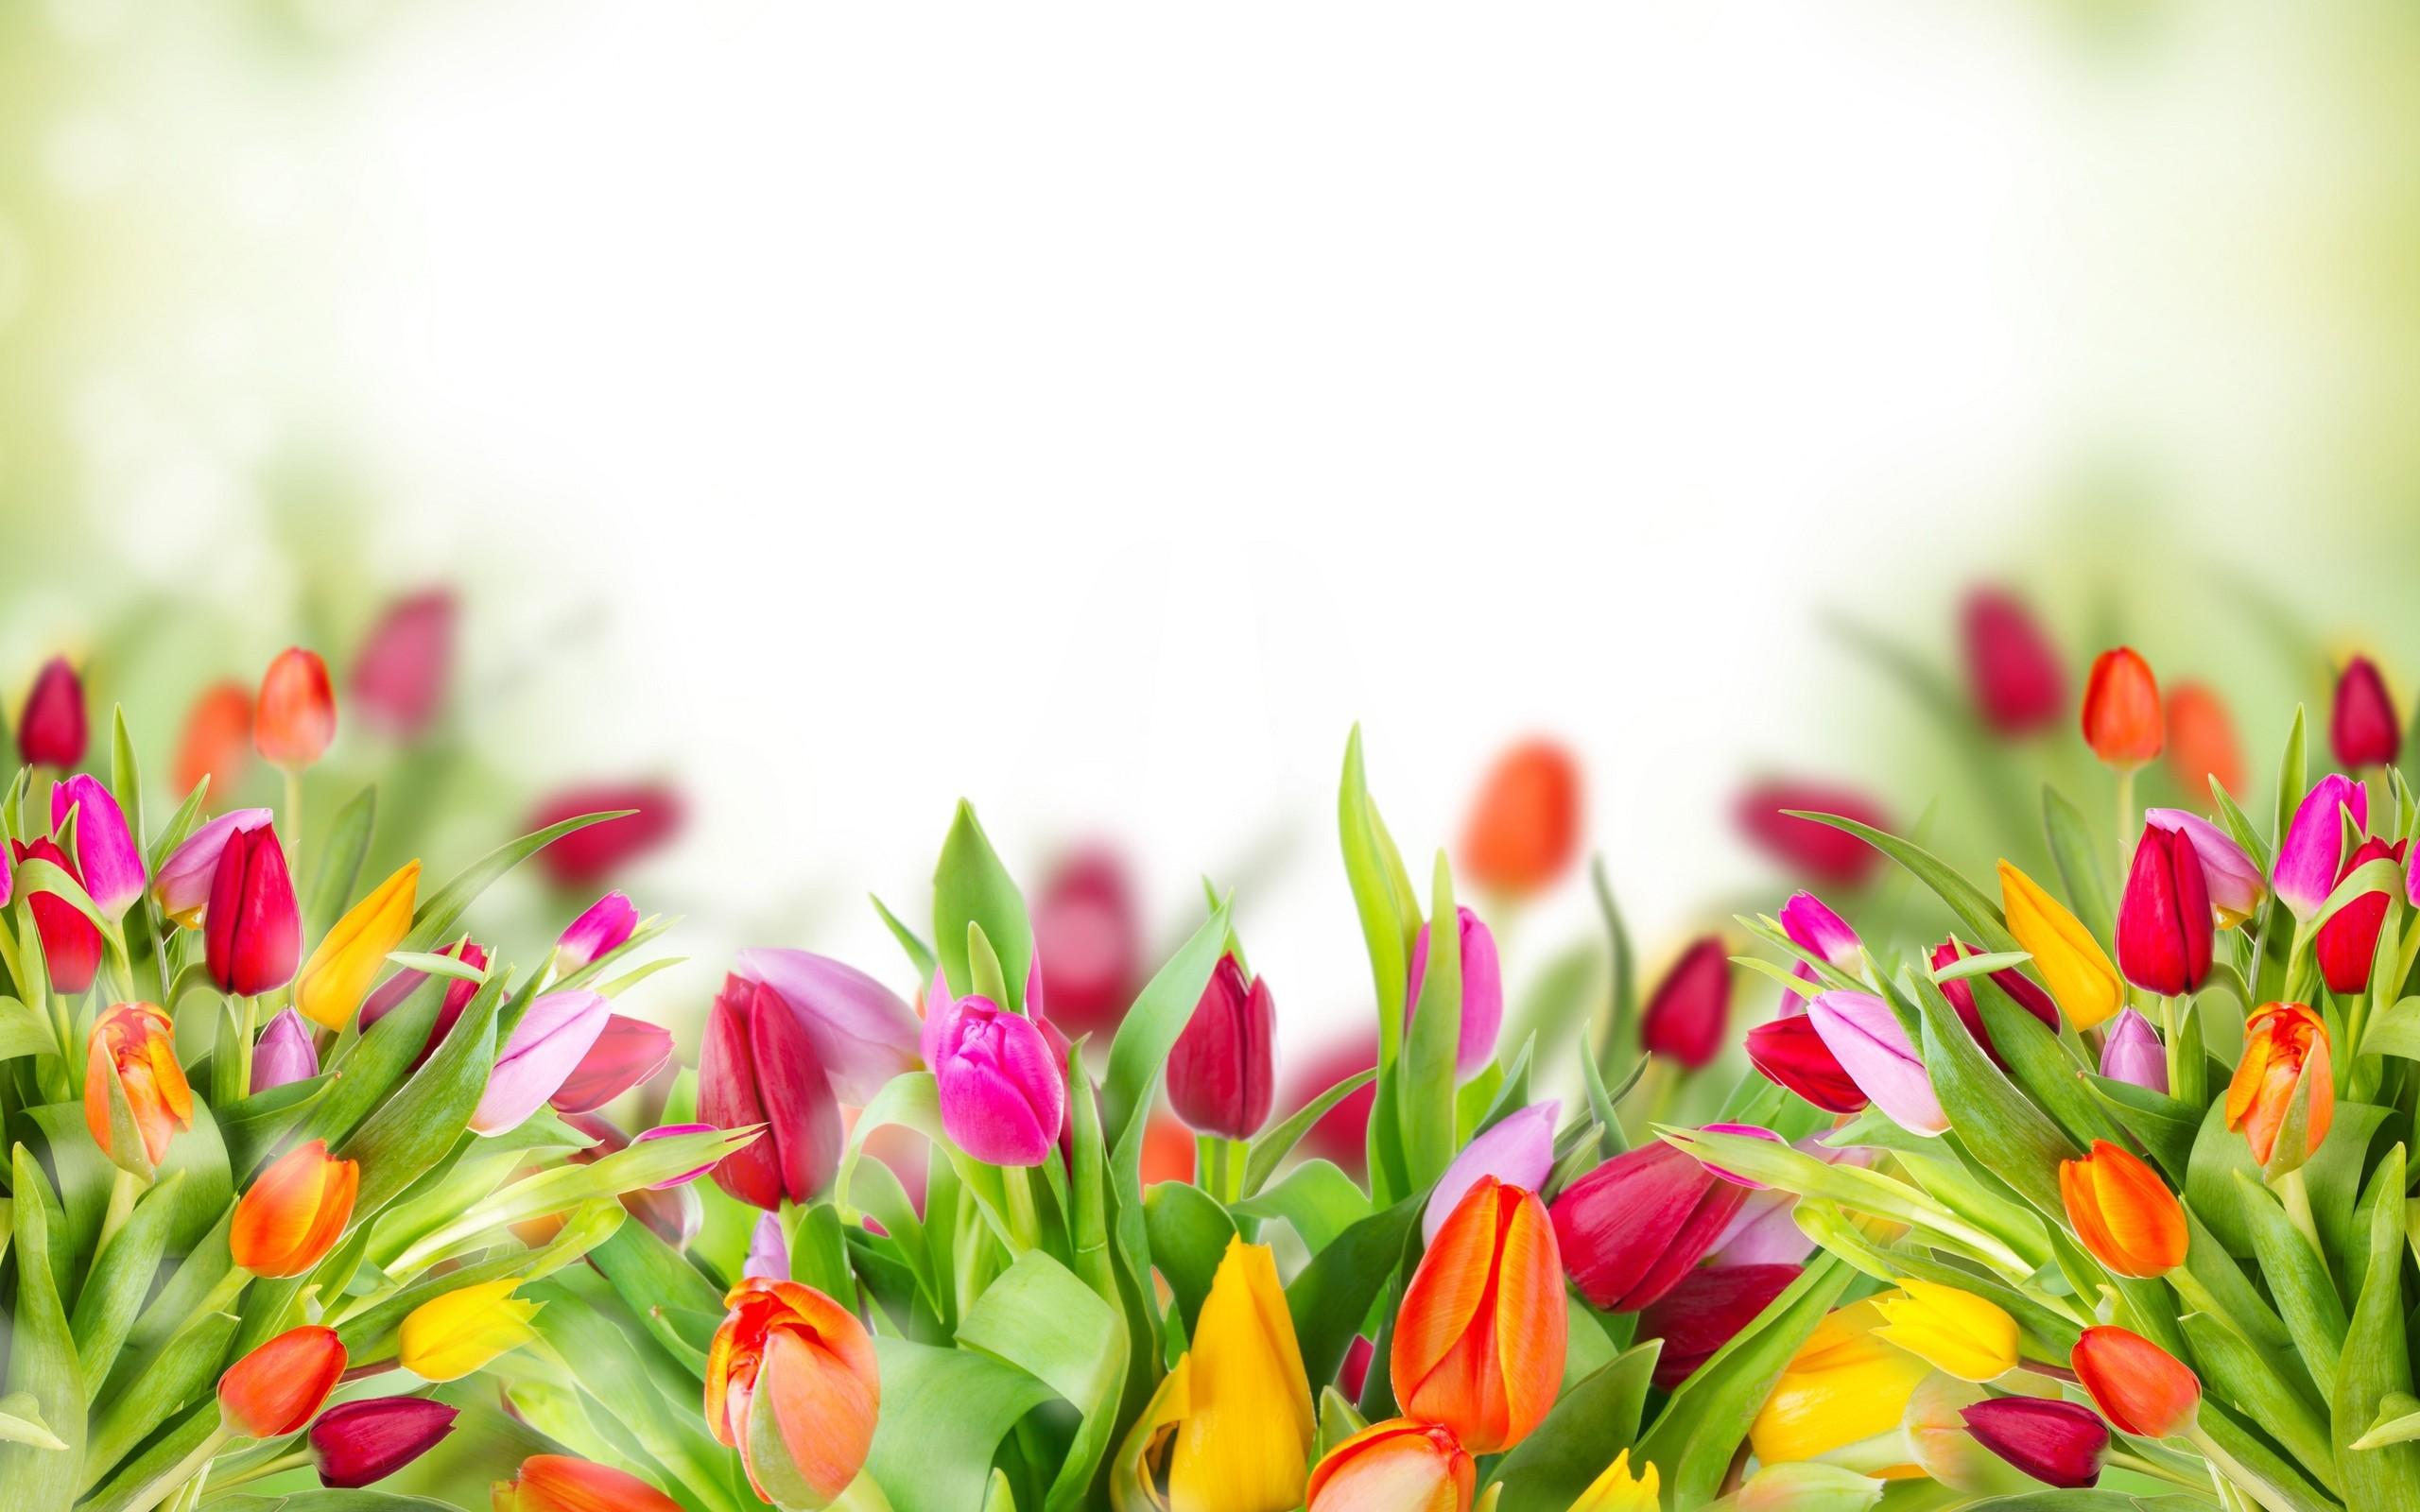 Tulipanes en 3D - 2560x1600